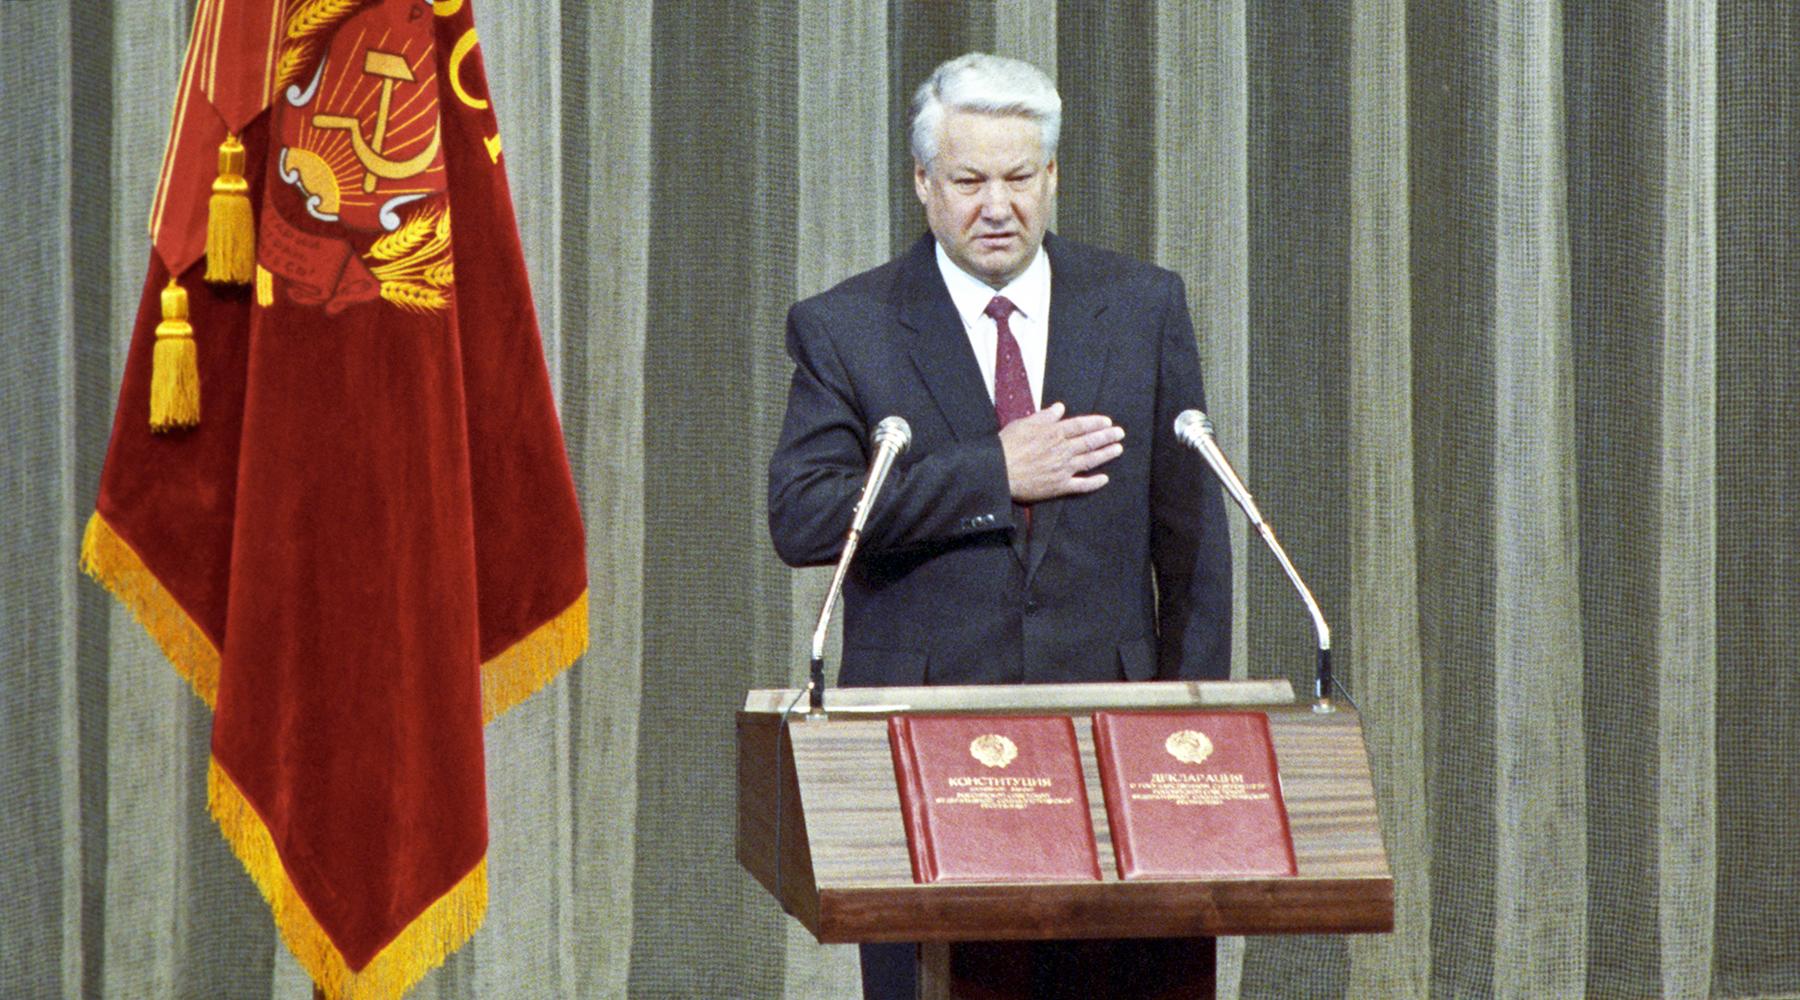 «Оценка его фигуры ещё впереди»: политики и общественные деятели — о роли Бориса Ельцина в истории современной России4